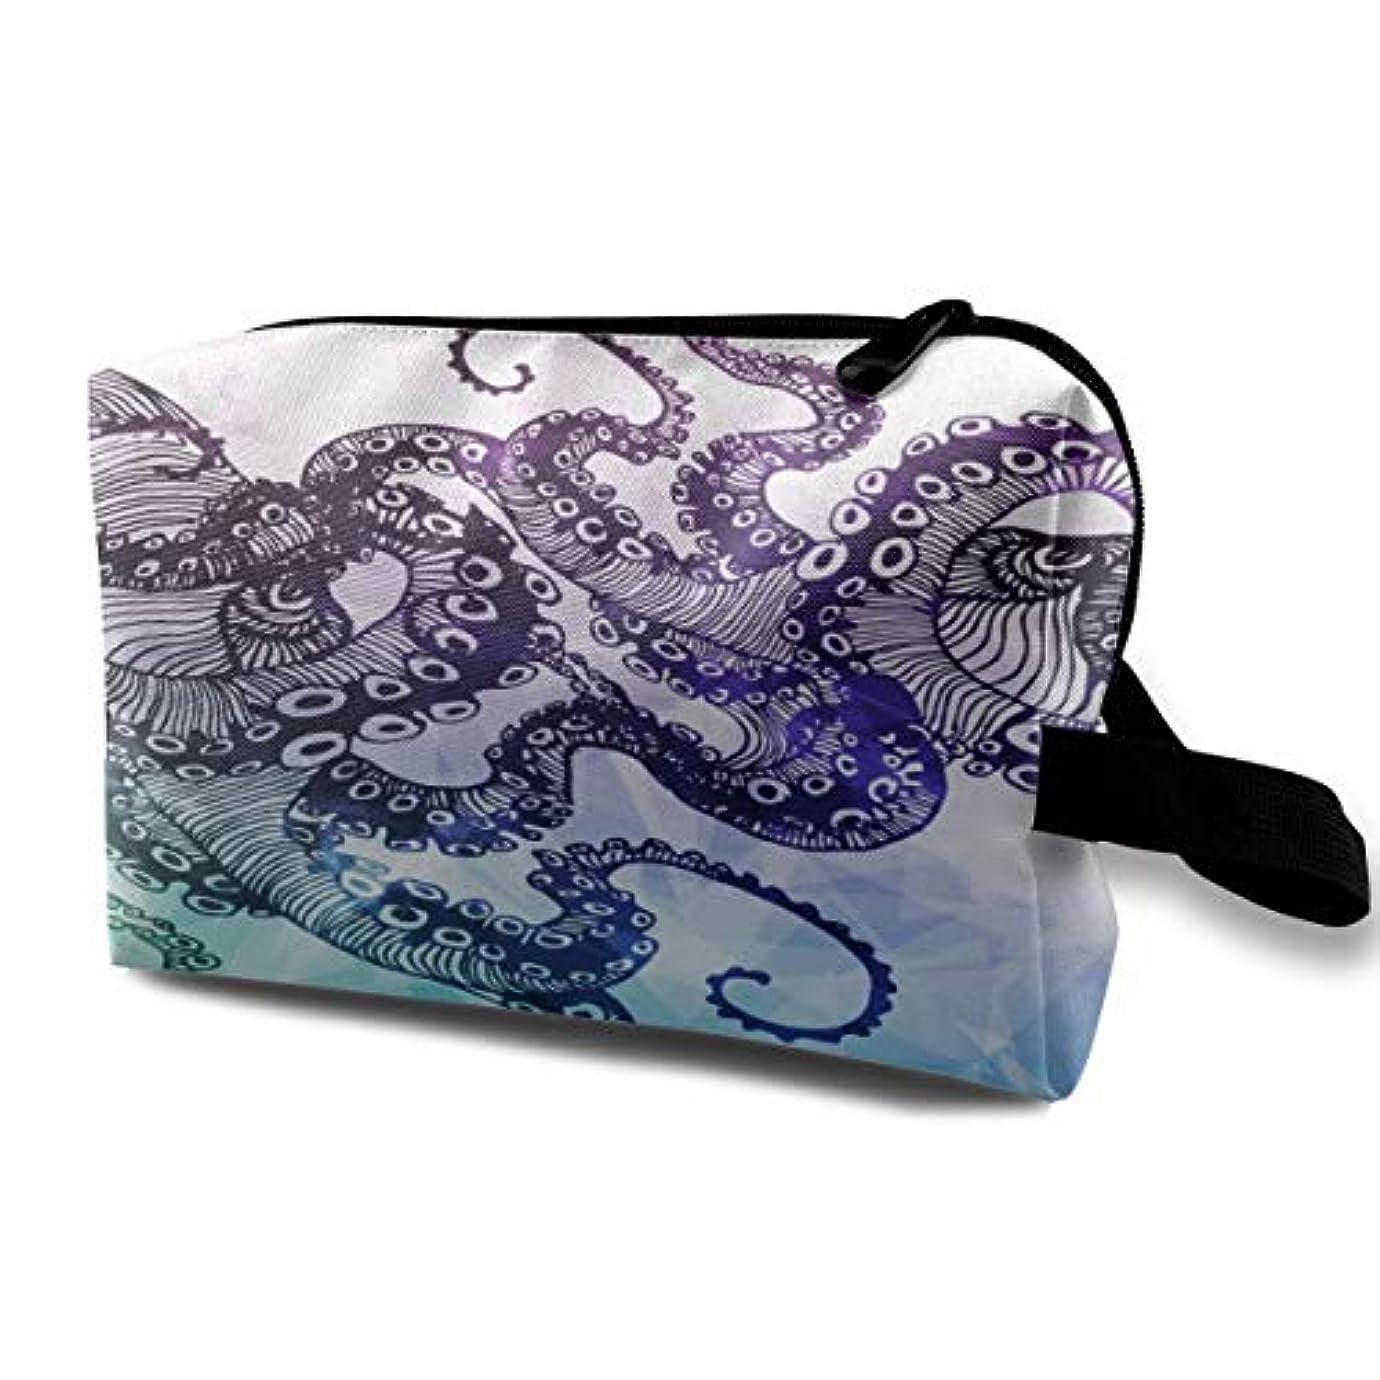 ほのかトン穏やかなHipster Octopus 収納ポーチ 化粧ポーチ 大容量 軽量 耐久性 ハンドル付持ち運び便利。入れ 自宅?出張?旅行?アウトドア撮影などに対応。メンズ レディース トラベルグッズ